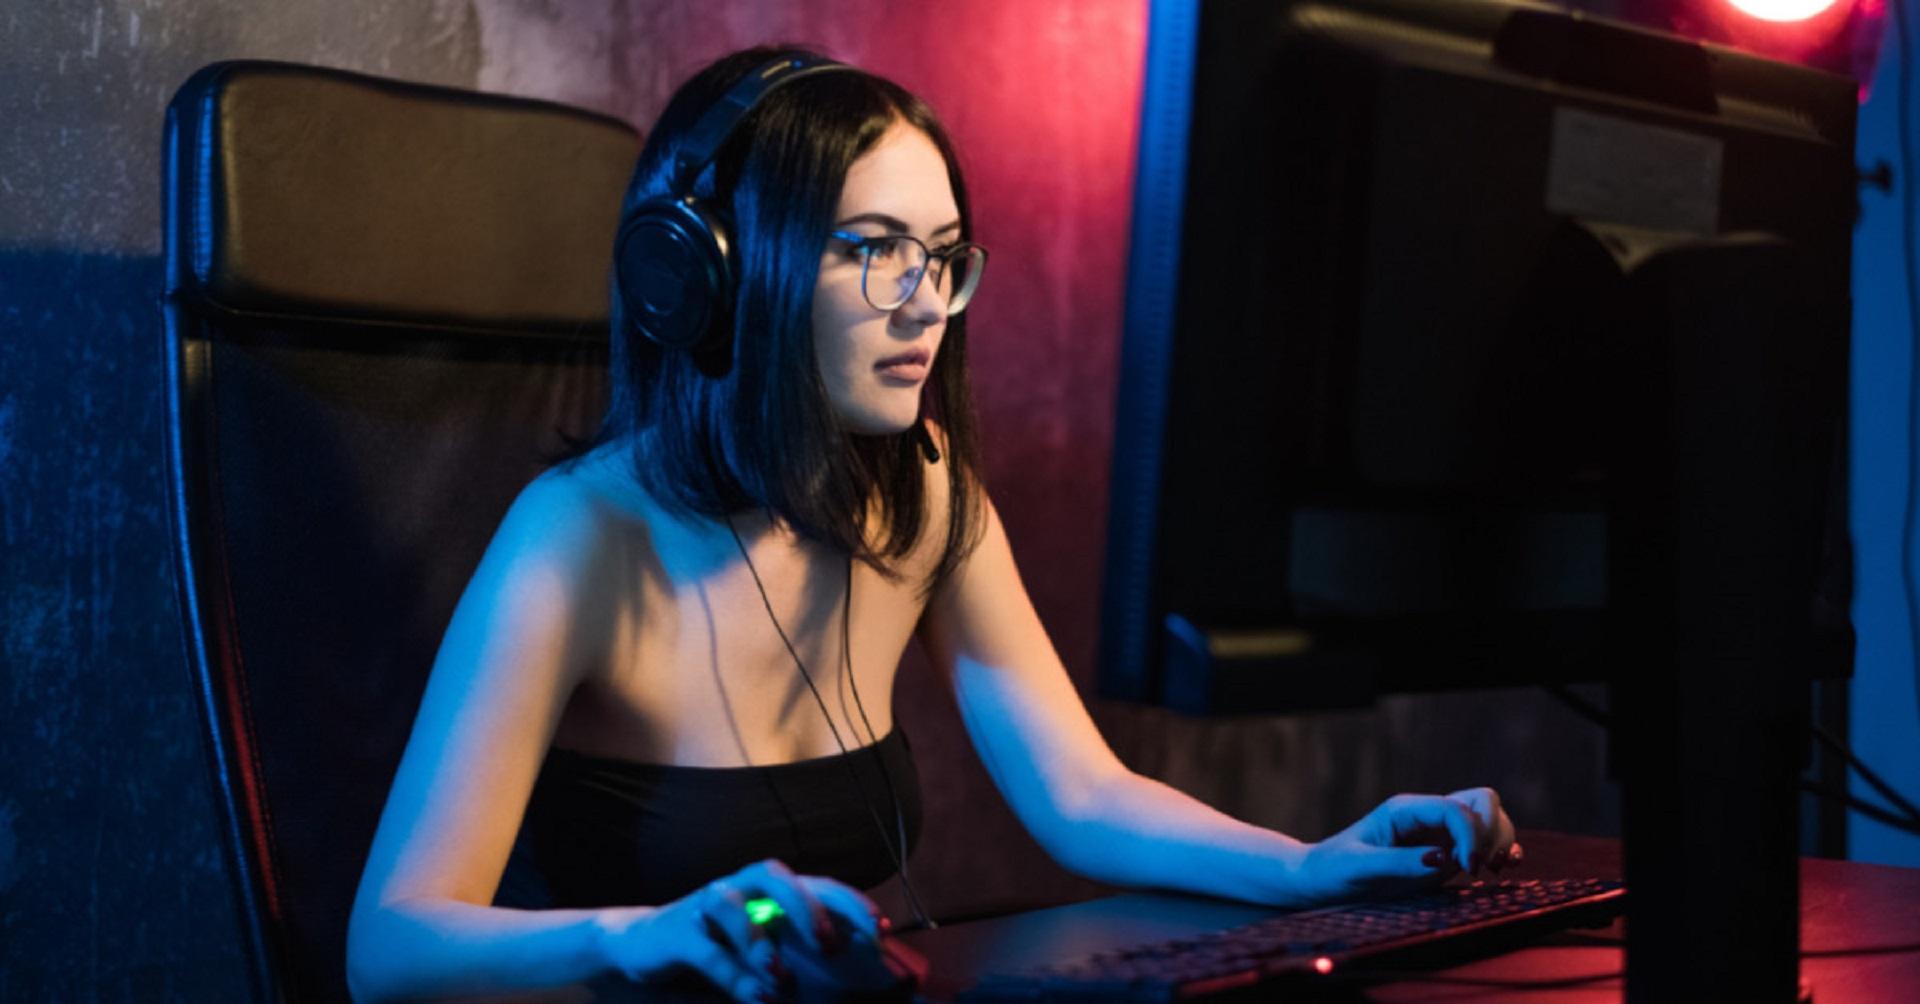 Wo/Wie kann ich am besten weibliche Gamer/Nerds